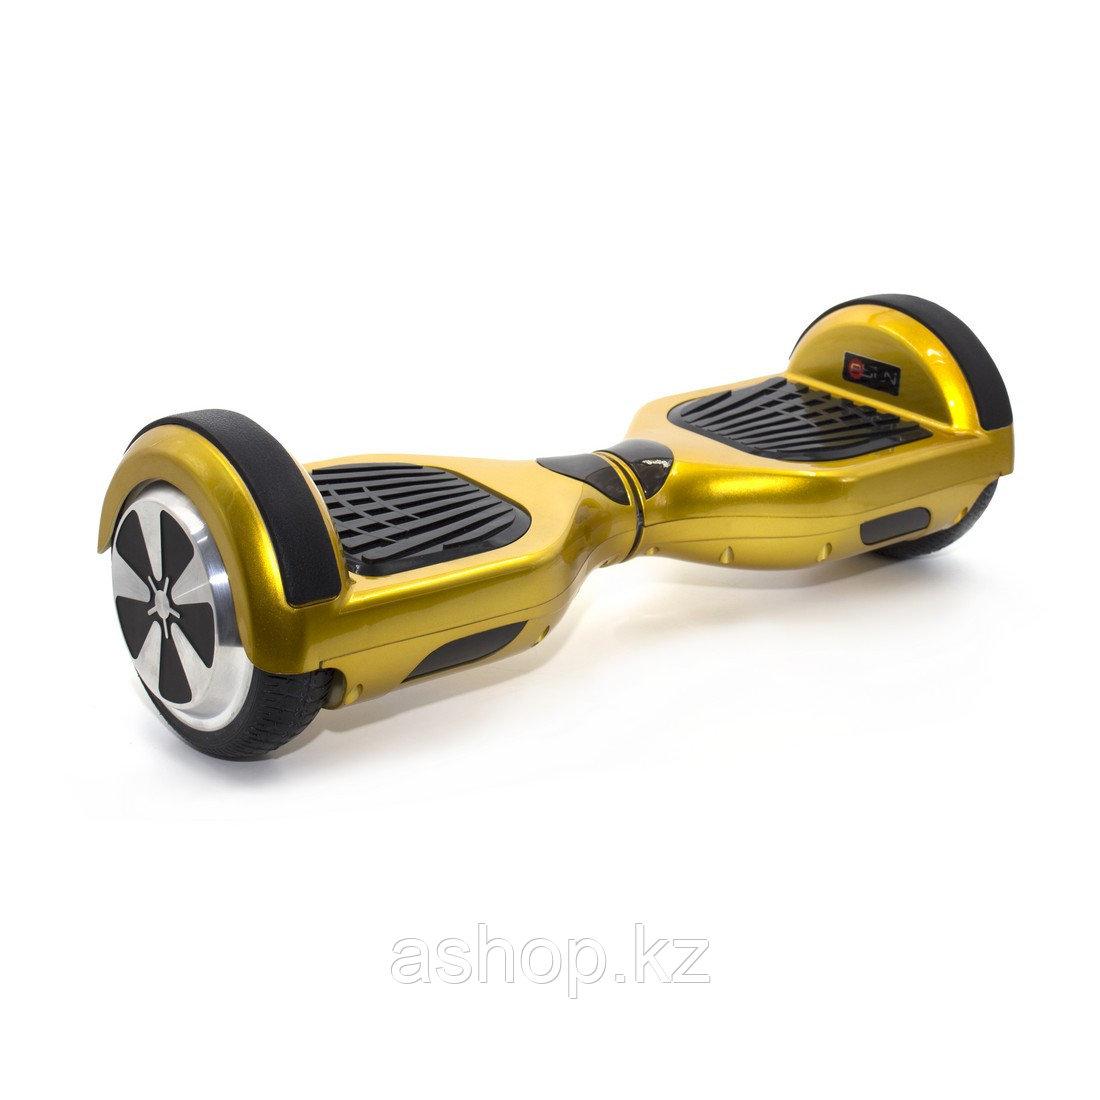 Гироскутер X-game EU21Y, Скорость (max.): 12 км/ч, Запас хода: 15-20 км, Нагрузка: 100 кг, Угол подъема: 15°,